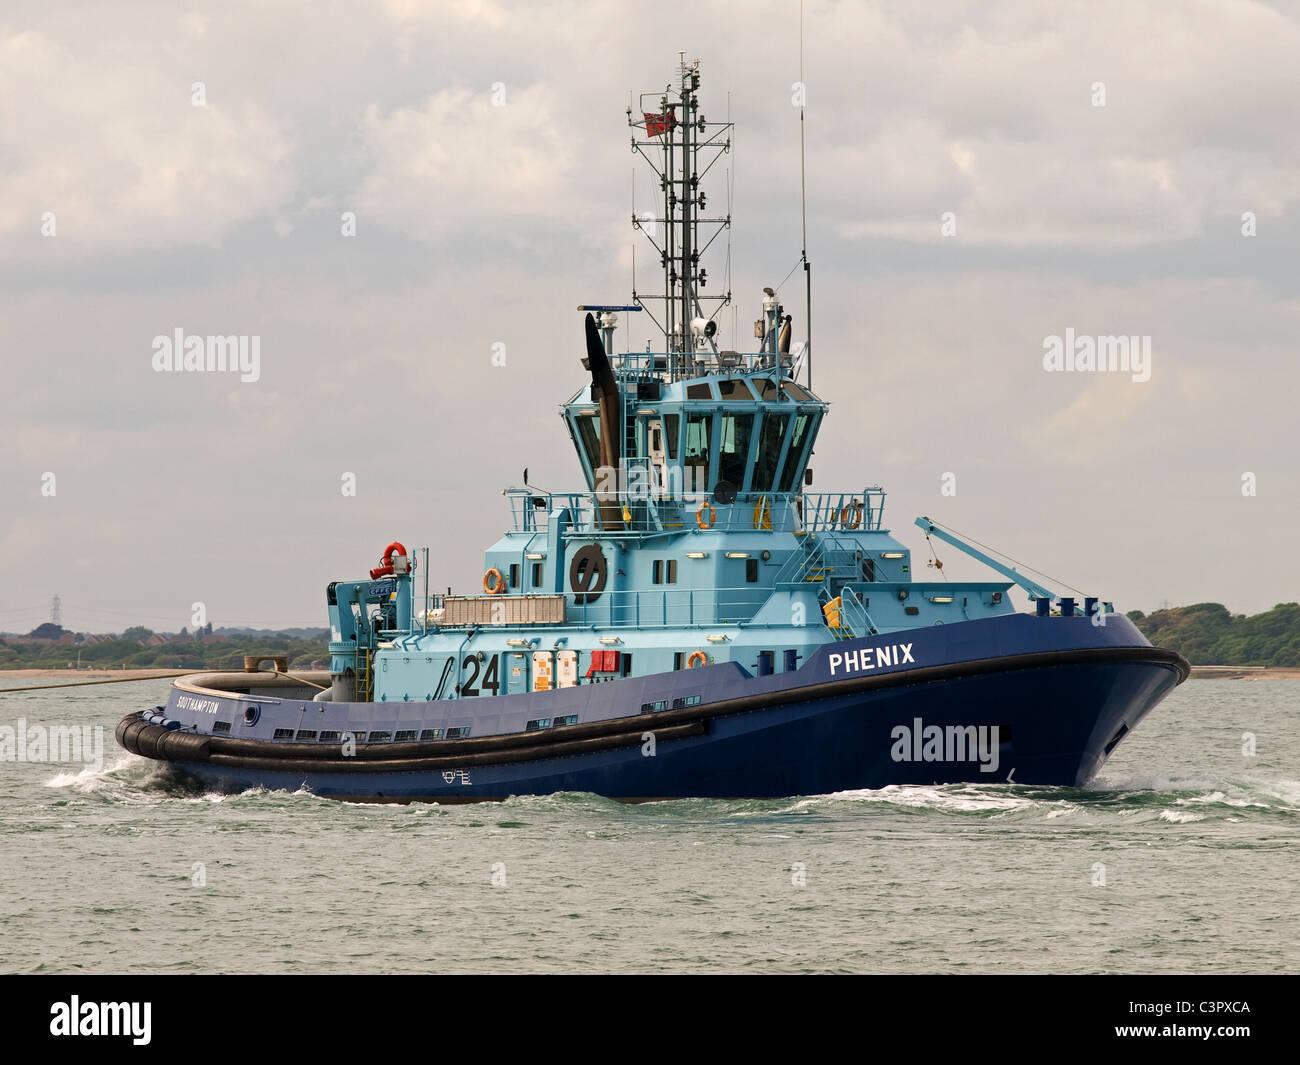 Tug Phenix based at Southampton port Hampshire England UK - Stock Image